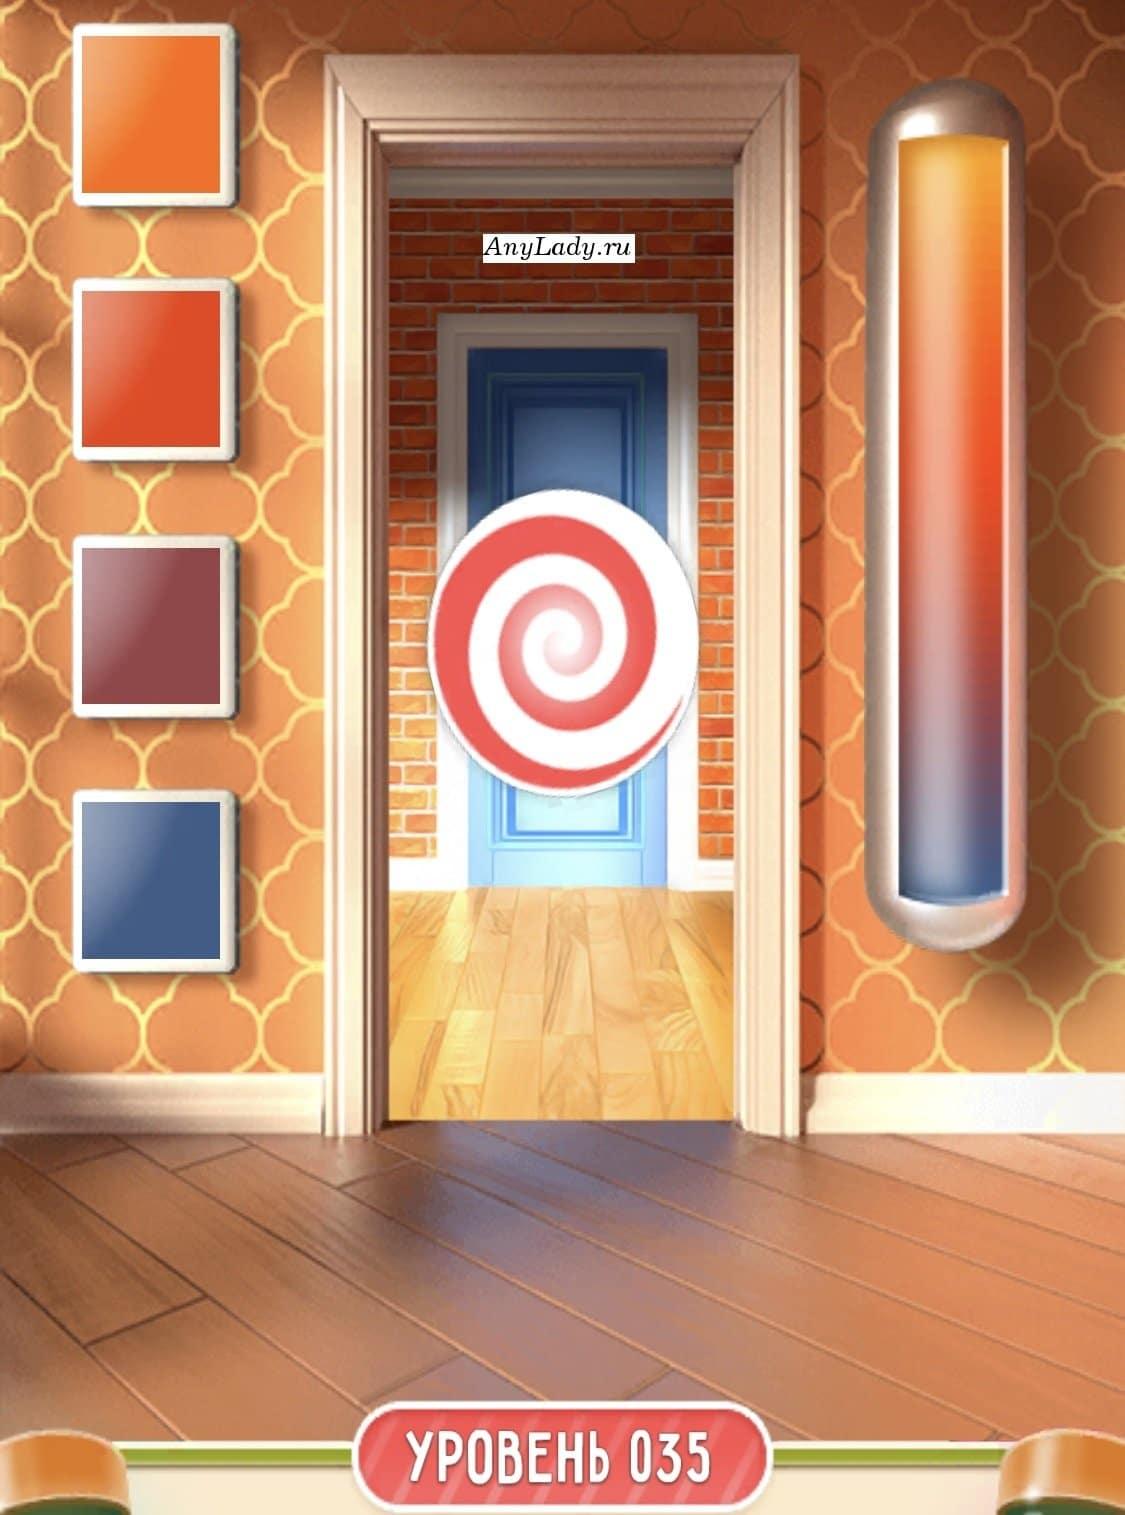 Справа от двери цветовая шкала, а слева четыре квадратика в которых нужно повторить цветовую палитру шкалы. Ответ можете посмотреть на картинке.